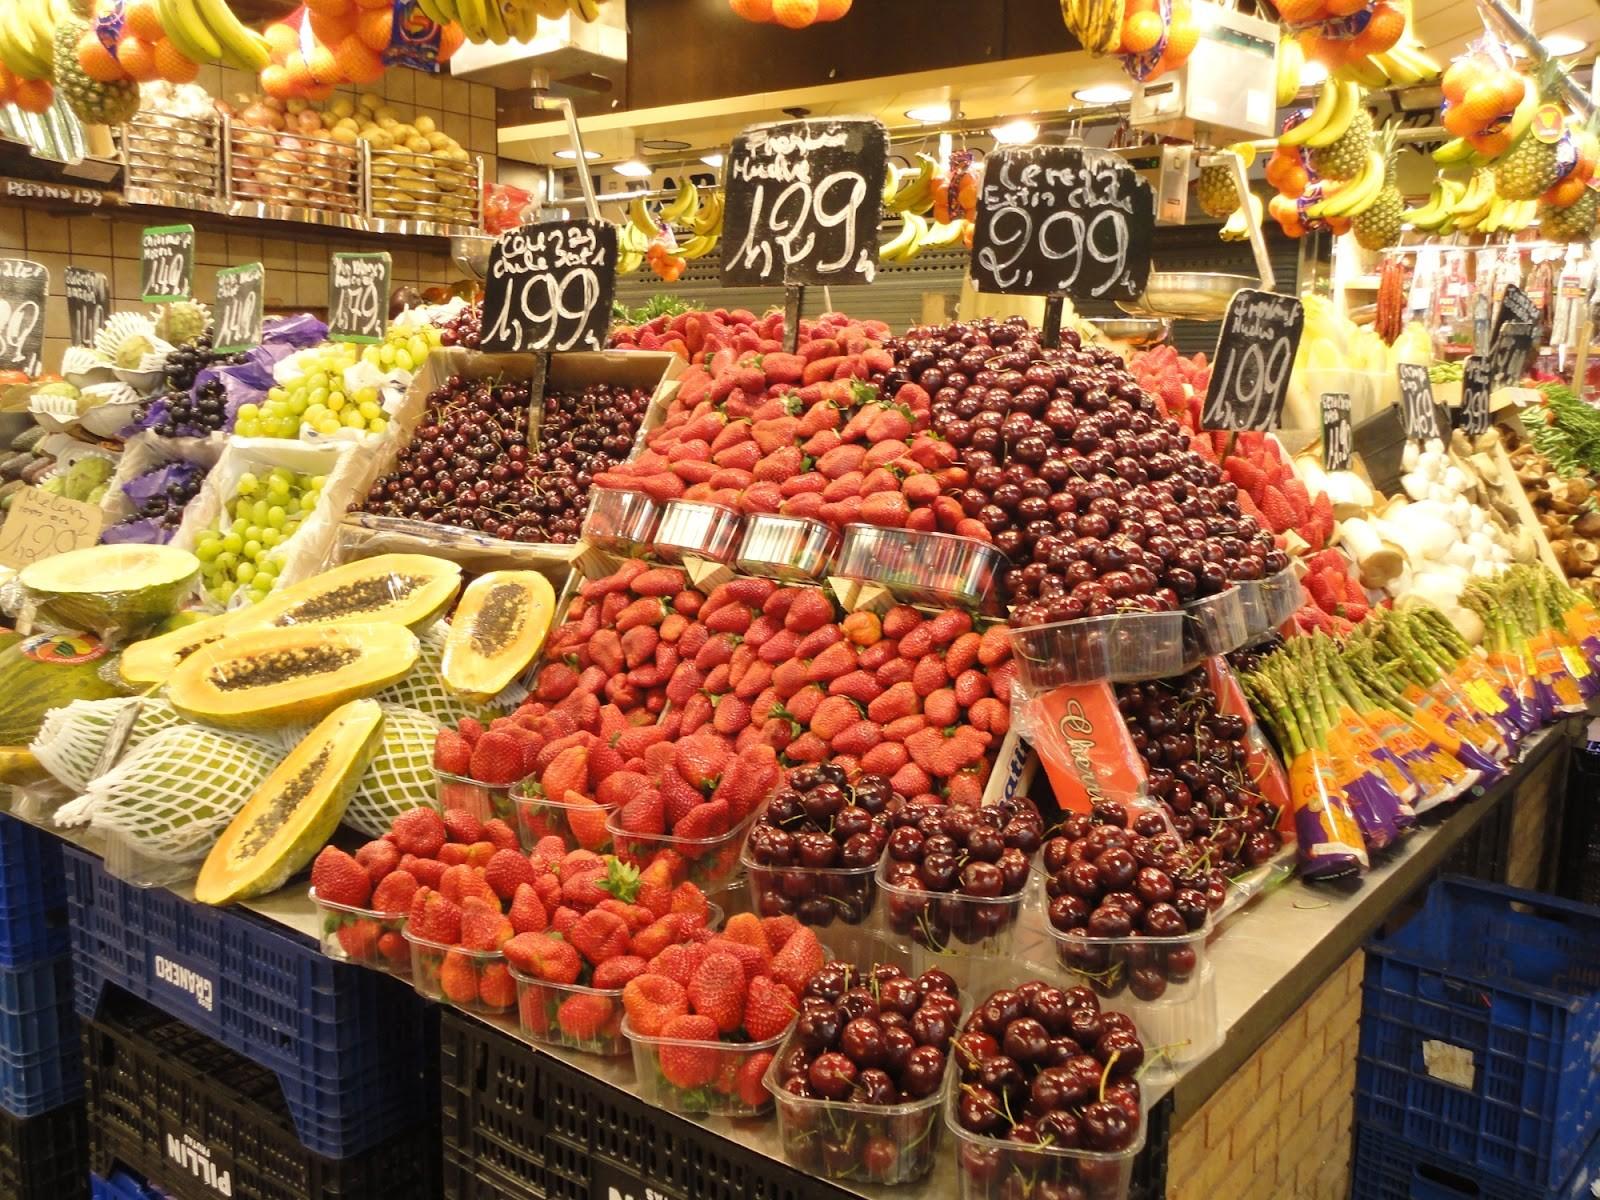 Ухудшение отношений с Турцией может вызвать в Башкирии рост цен на плодоовощную продукцию и путевки в санатории — эксперт